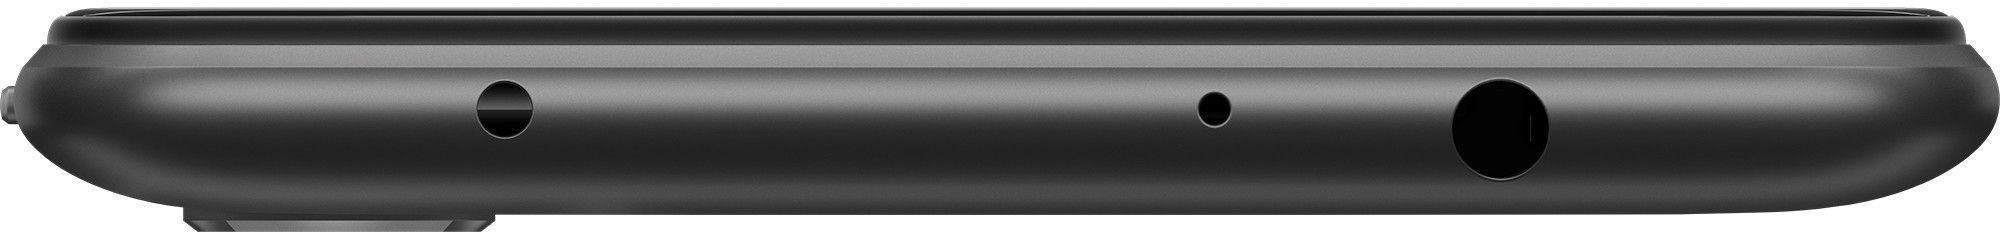 Смартфон Xiaomi Redmi Note 6 Pro 3/32GB Black от Територія твоєї техніки - 4